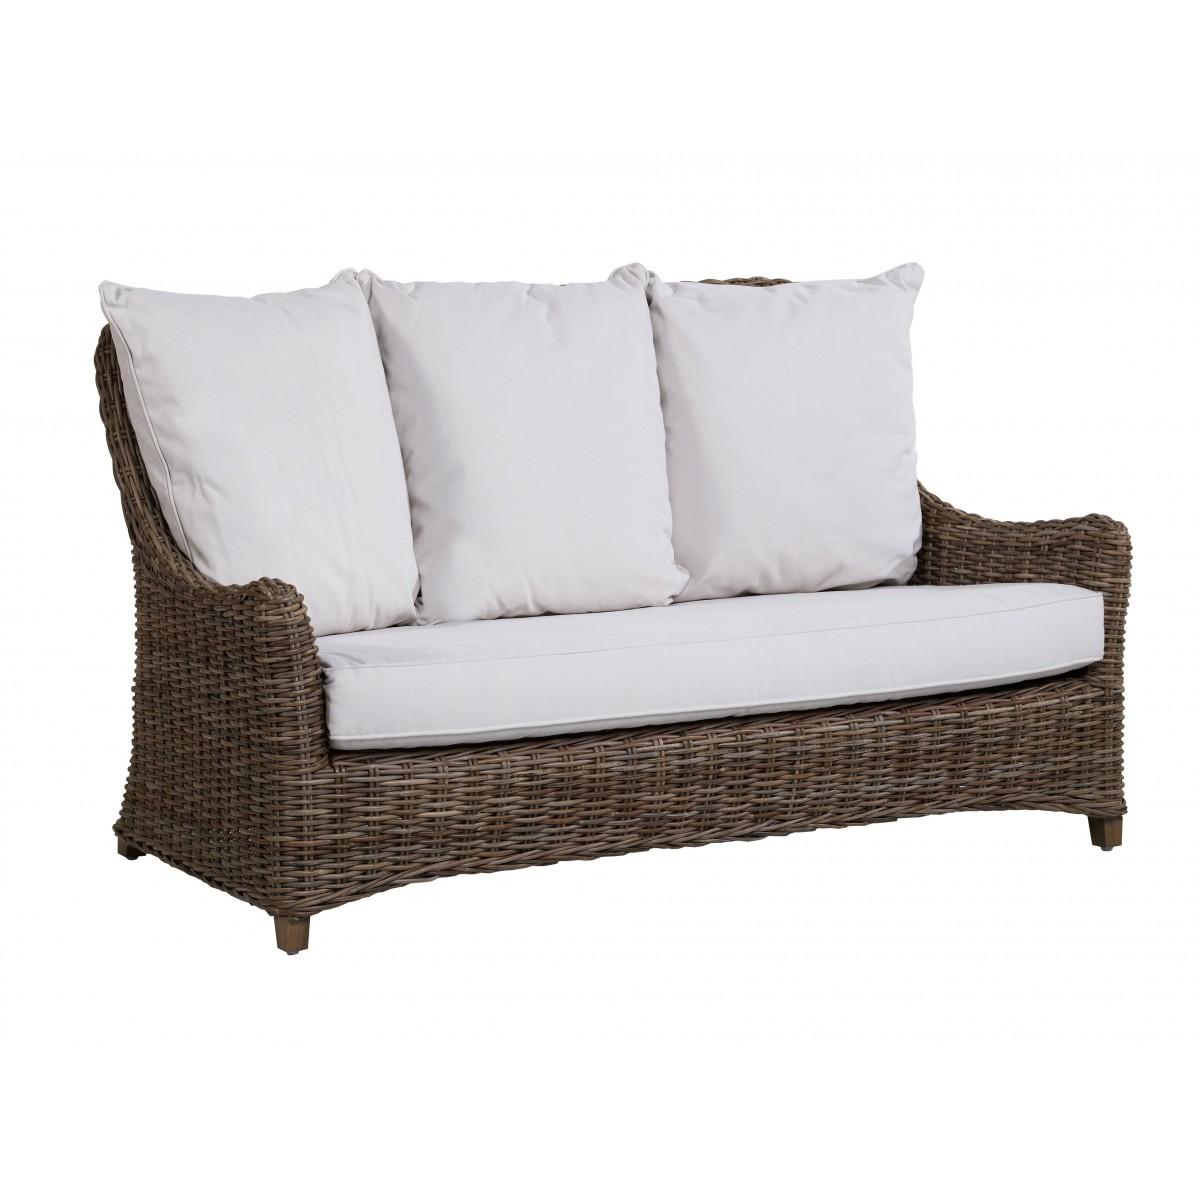 table basse rotin kubu. Black Bedroom Furniture Sets. Home Design Ideas